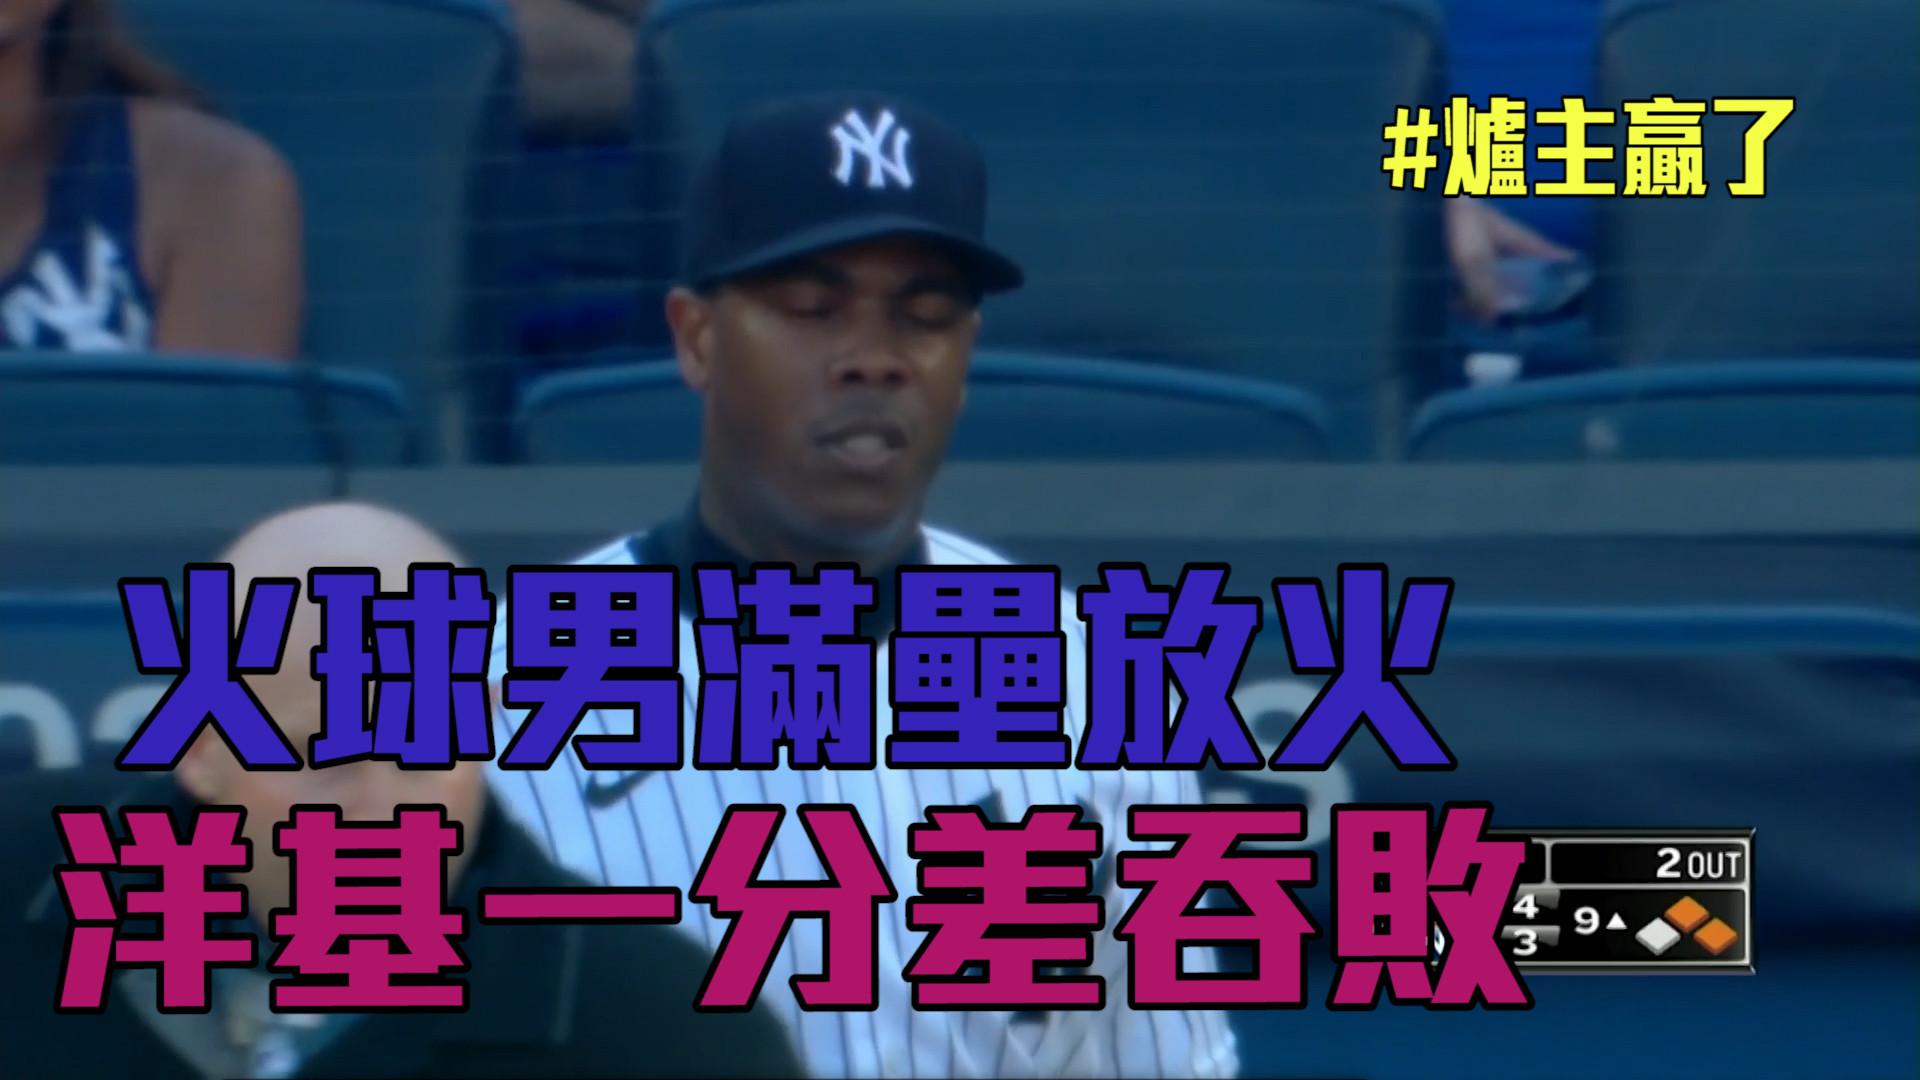 【MLB看愛爾達】洋基打線靜悄悄 爐主金鶯一分險勝 09/05